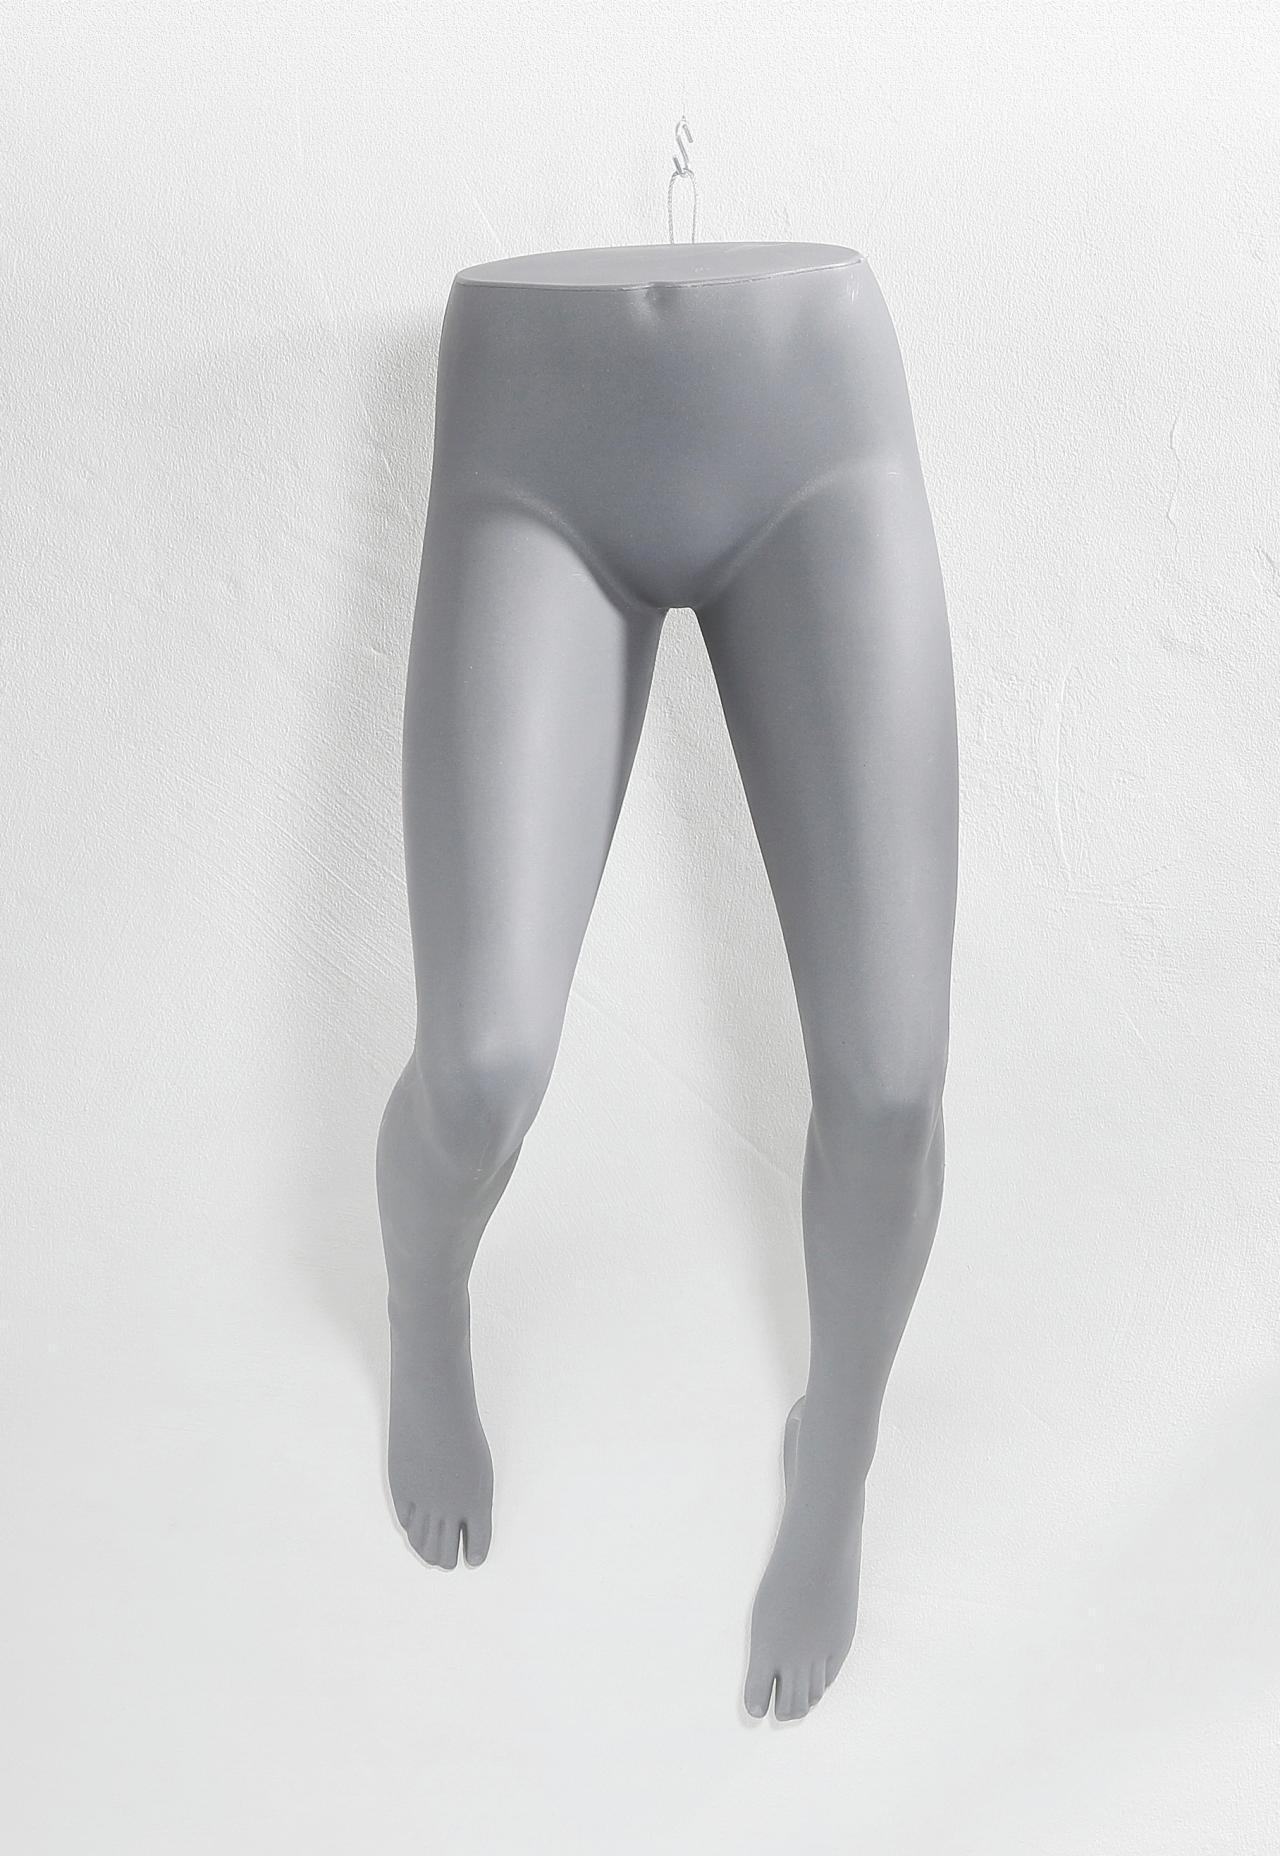 Hosenpräsenter Damen